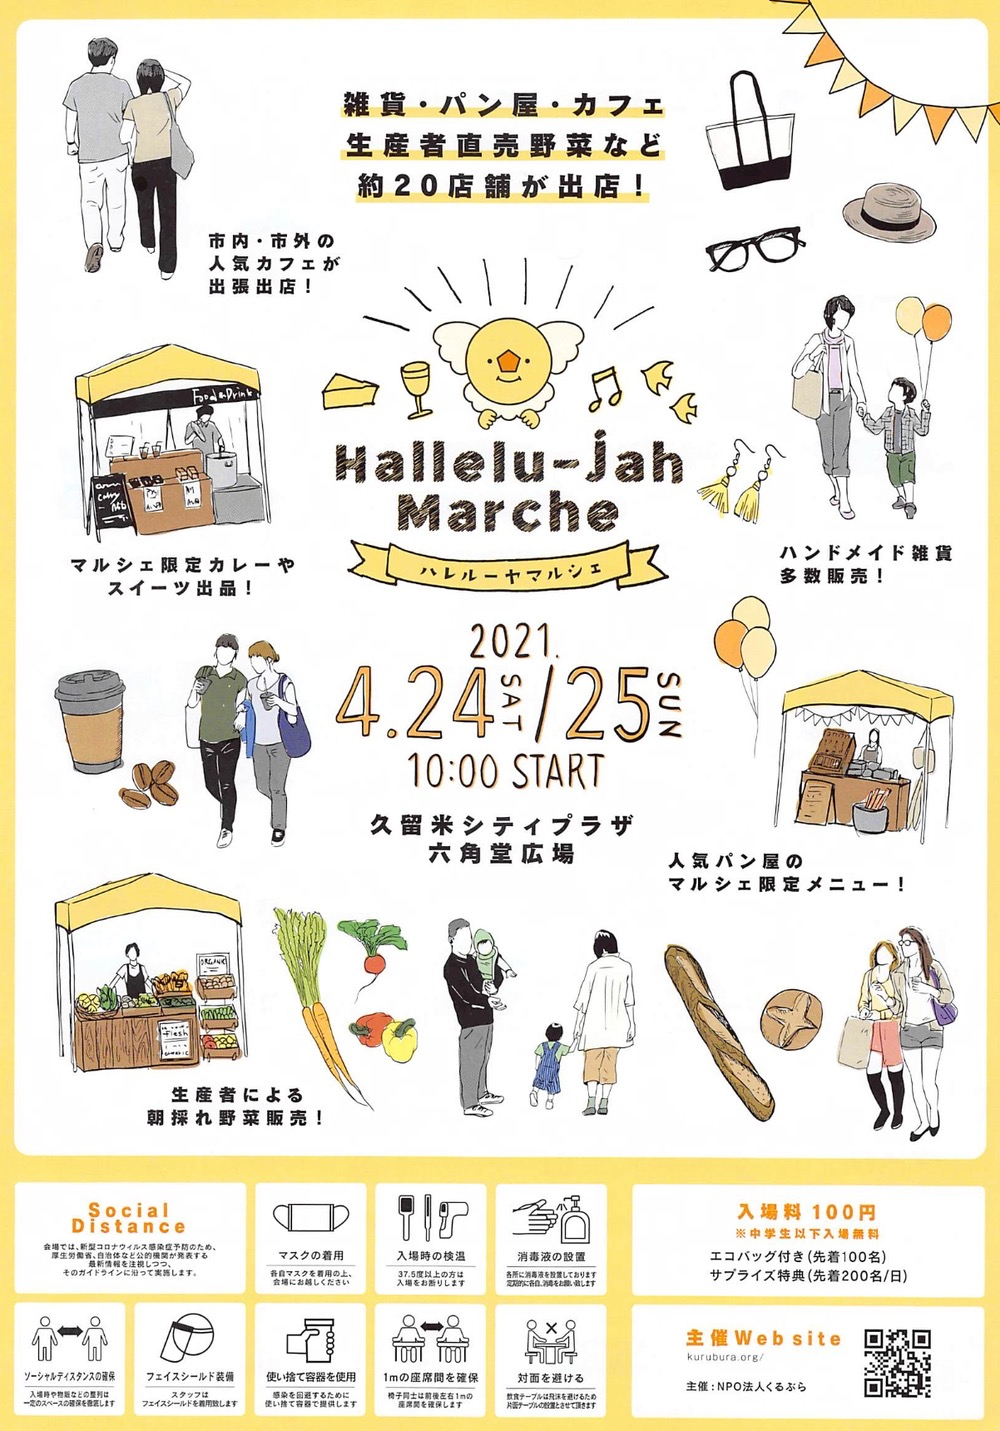 ハレルーヤマルシェ 久留米六角堂広場に雑貨・パン屋など人気店が大集合!